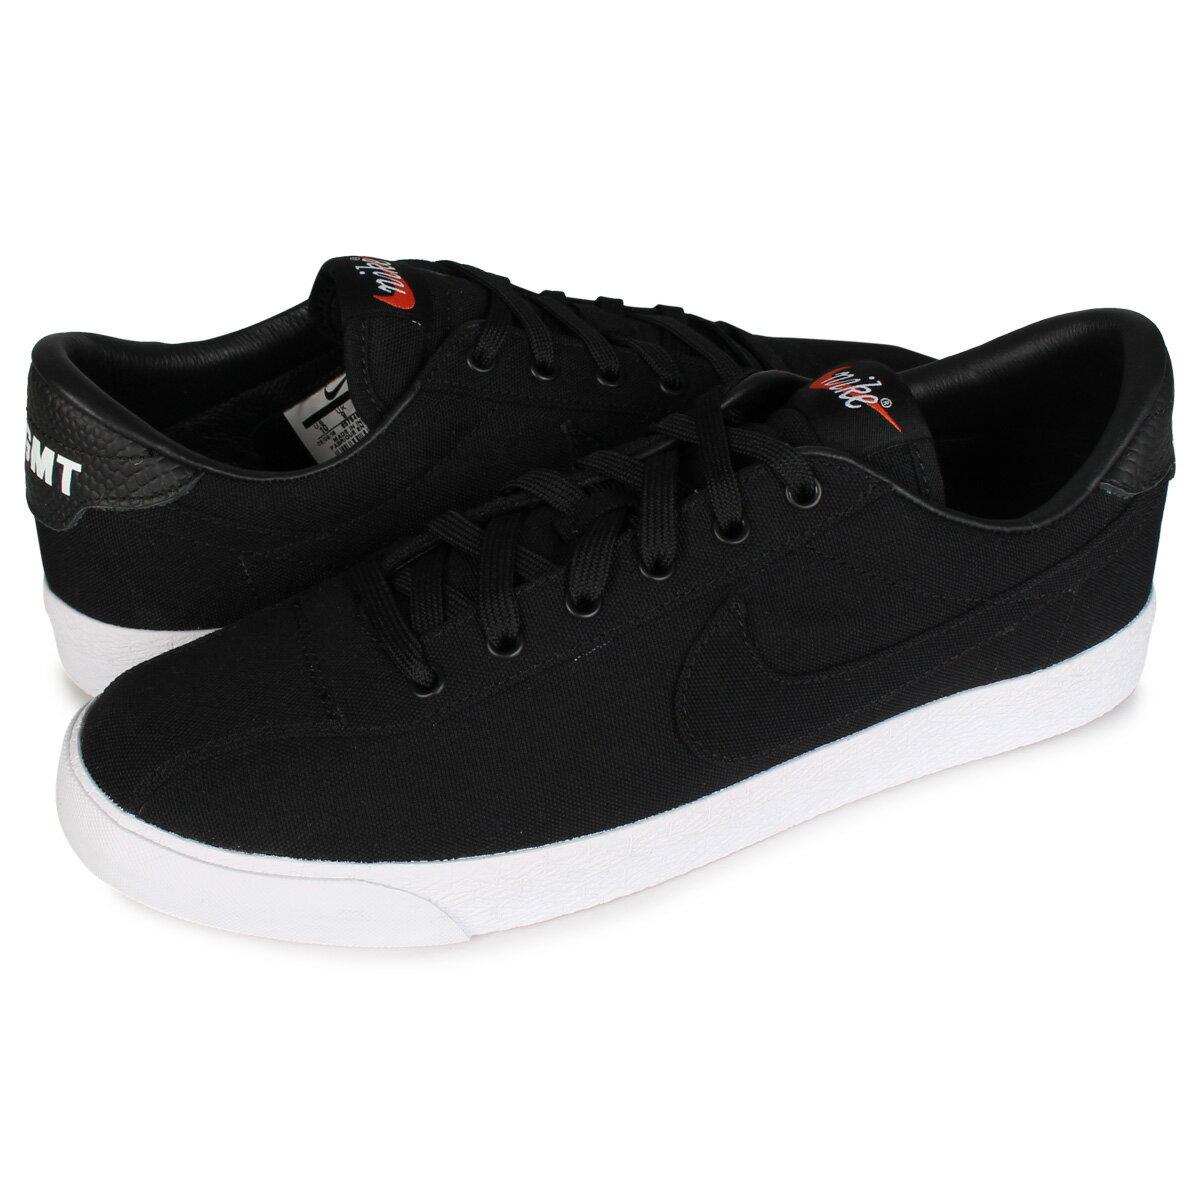 メンズ靴, スニーカー  NIKE AIR ZOOM LAUDERDALE FRAGMENT DESIGN 857948-001